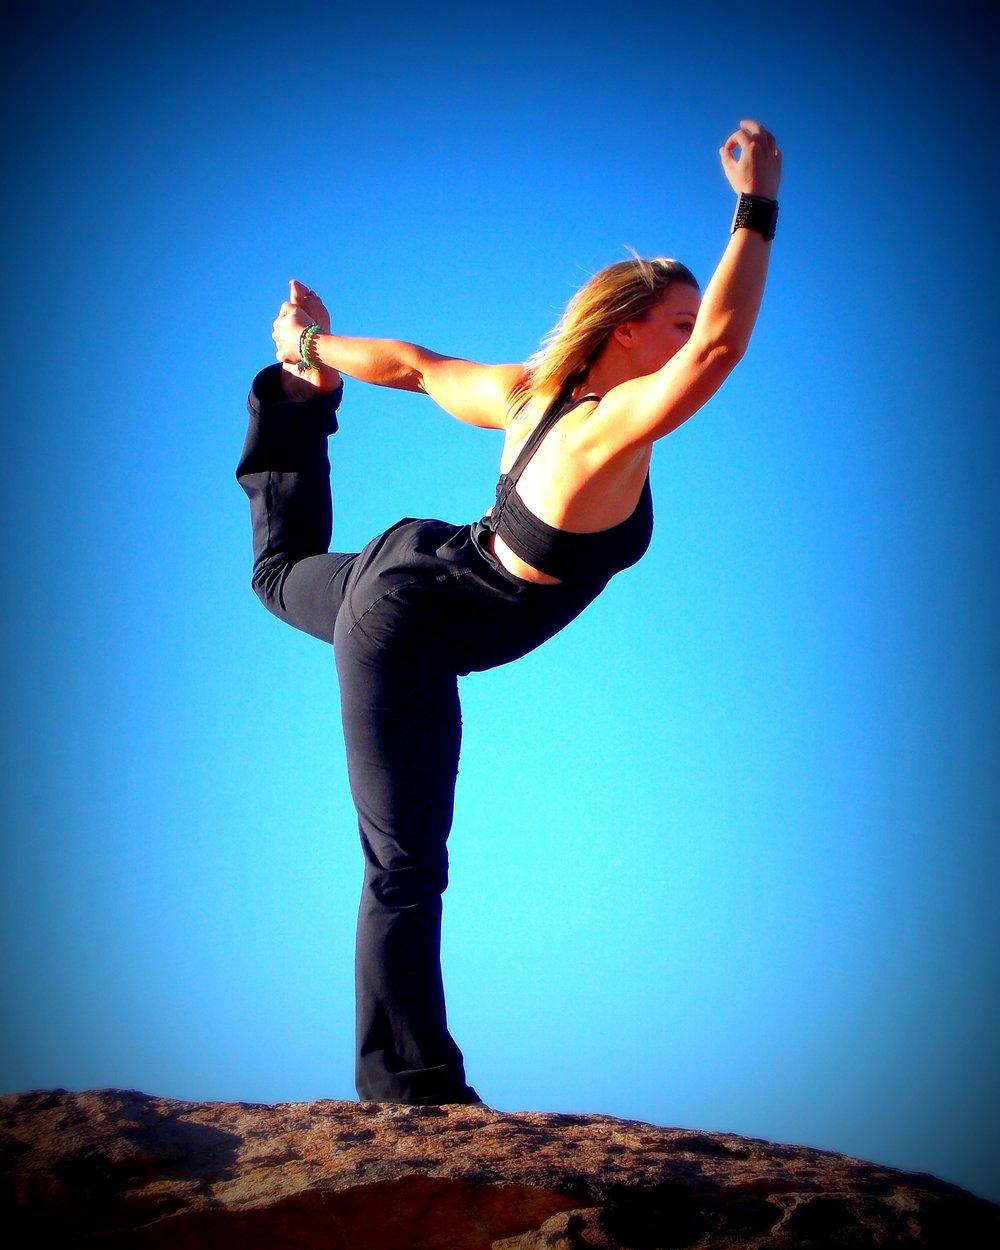 yoga-dancer-sky-blue-60697.jpeg